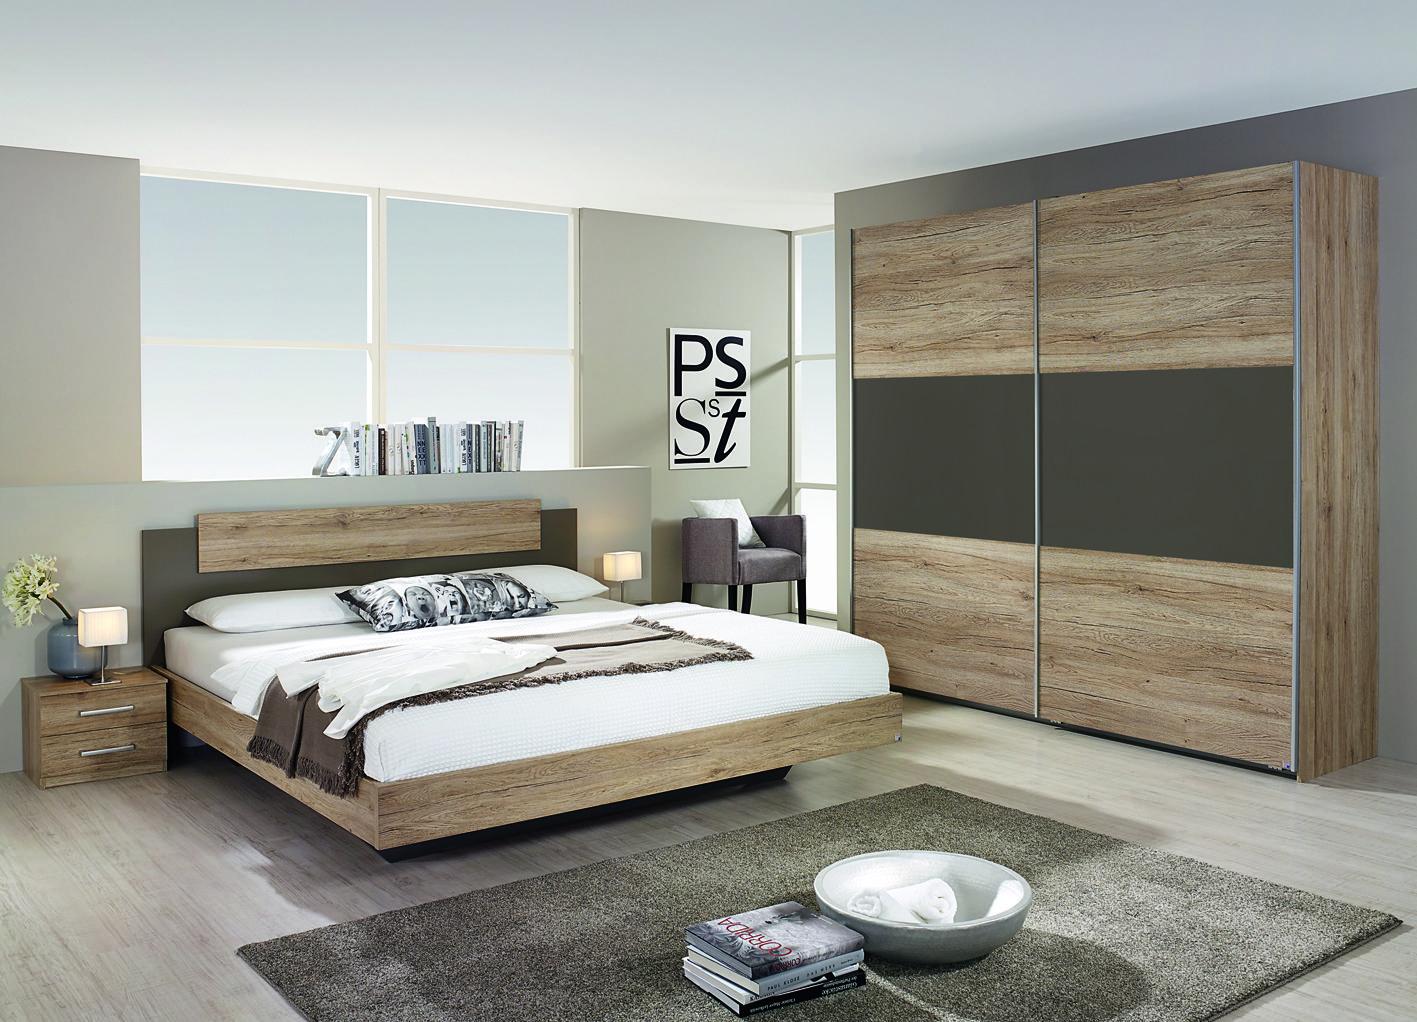 Schlafzimmer Rauch ~ Rauch podwójne sypialnia częściowa home decor